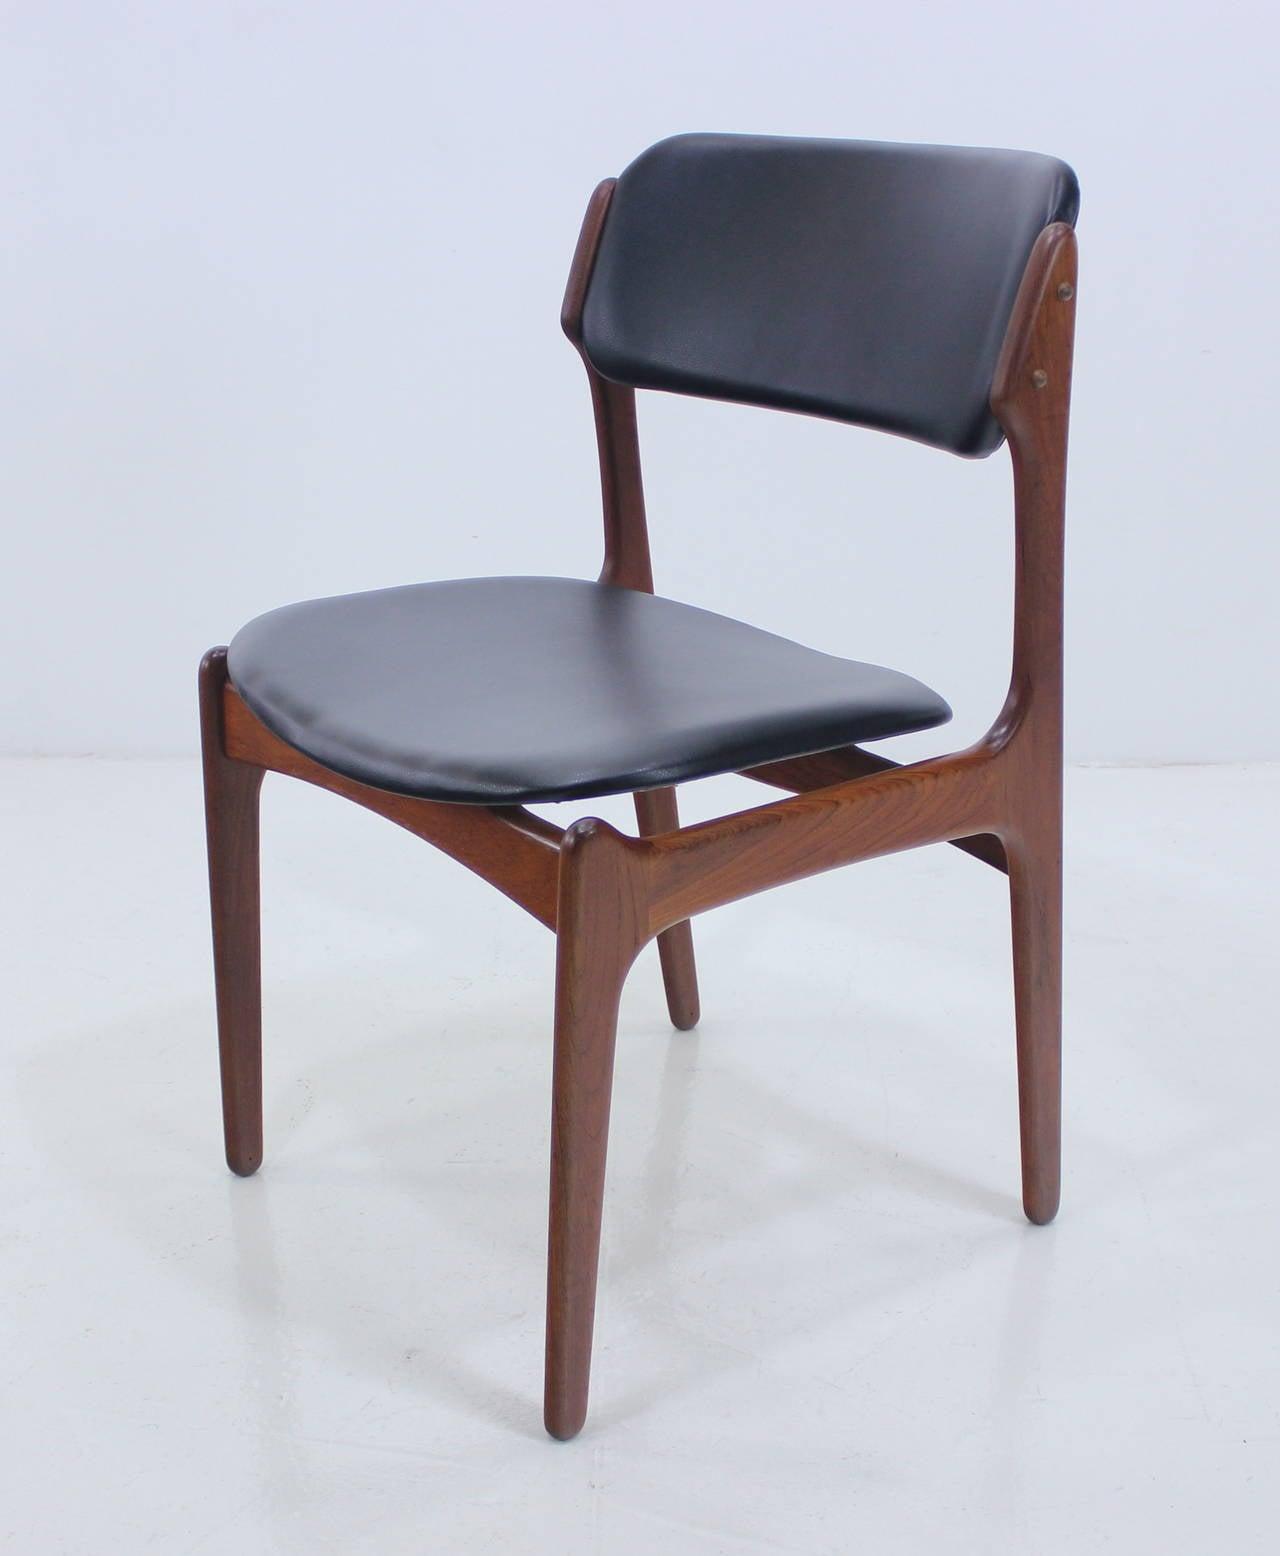 erik buck chairs wall hugger recliner chair rare set of eight danish modern teak dining